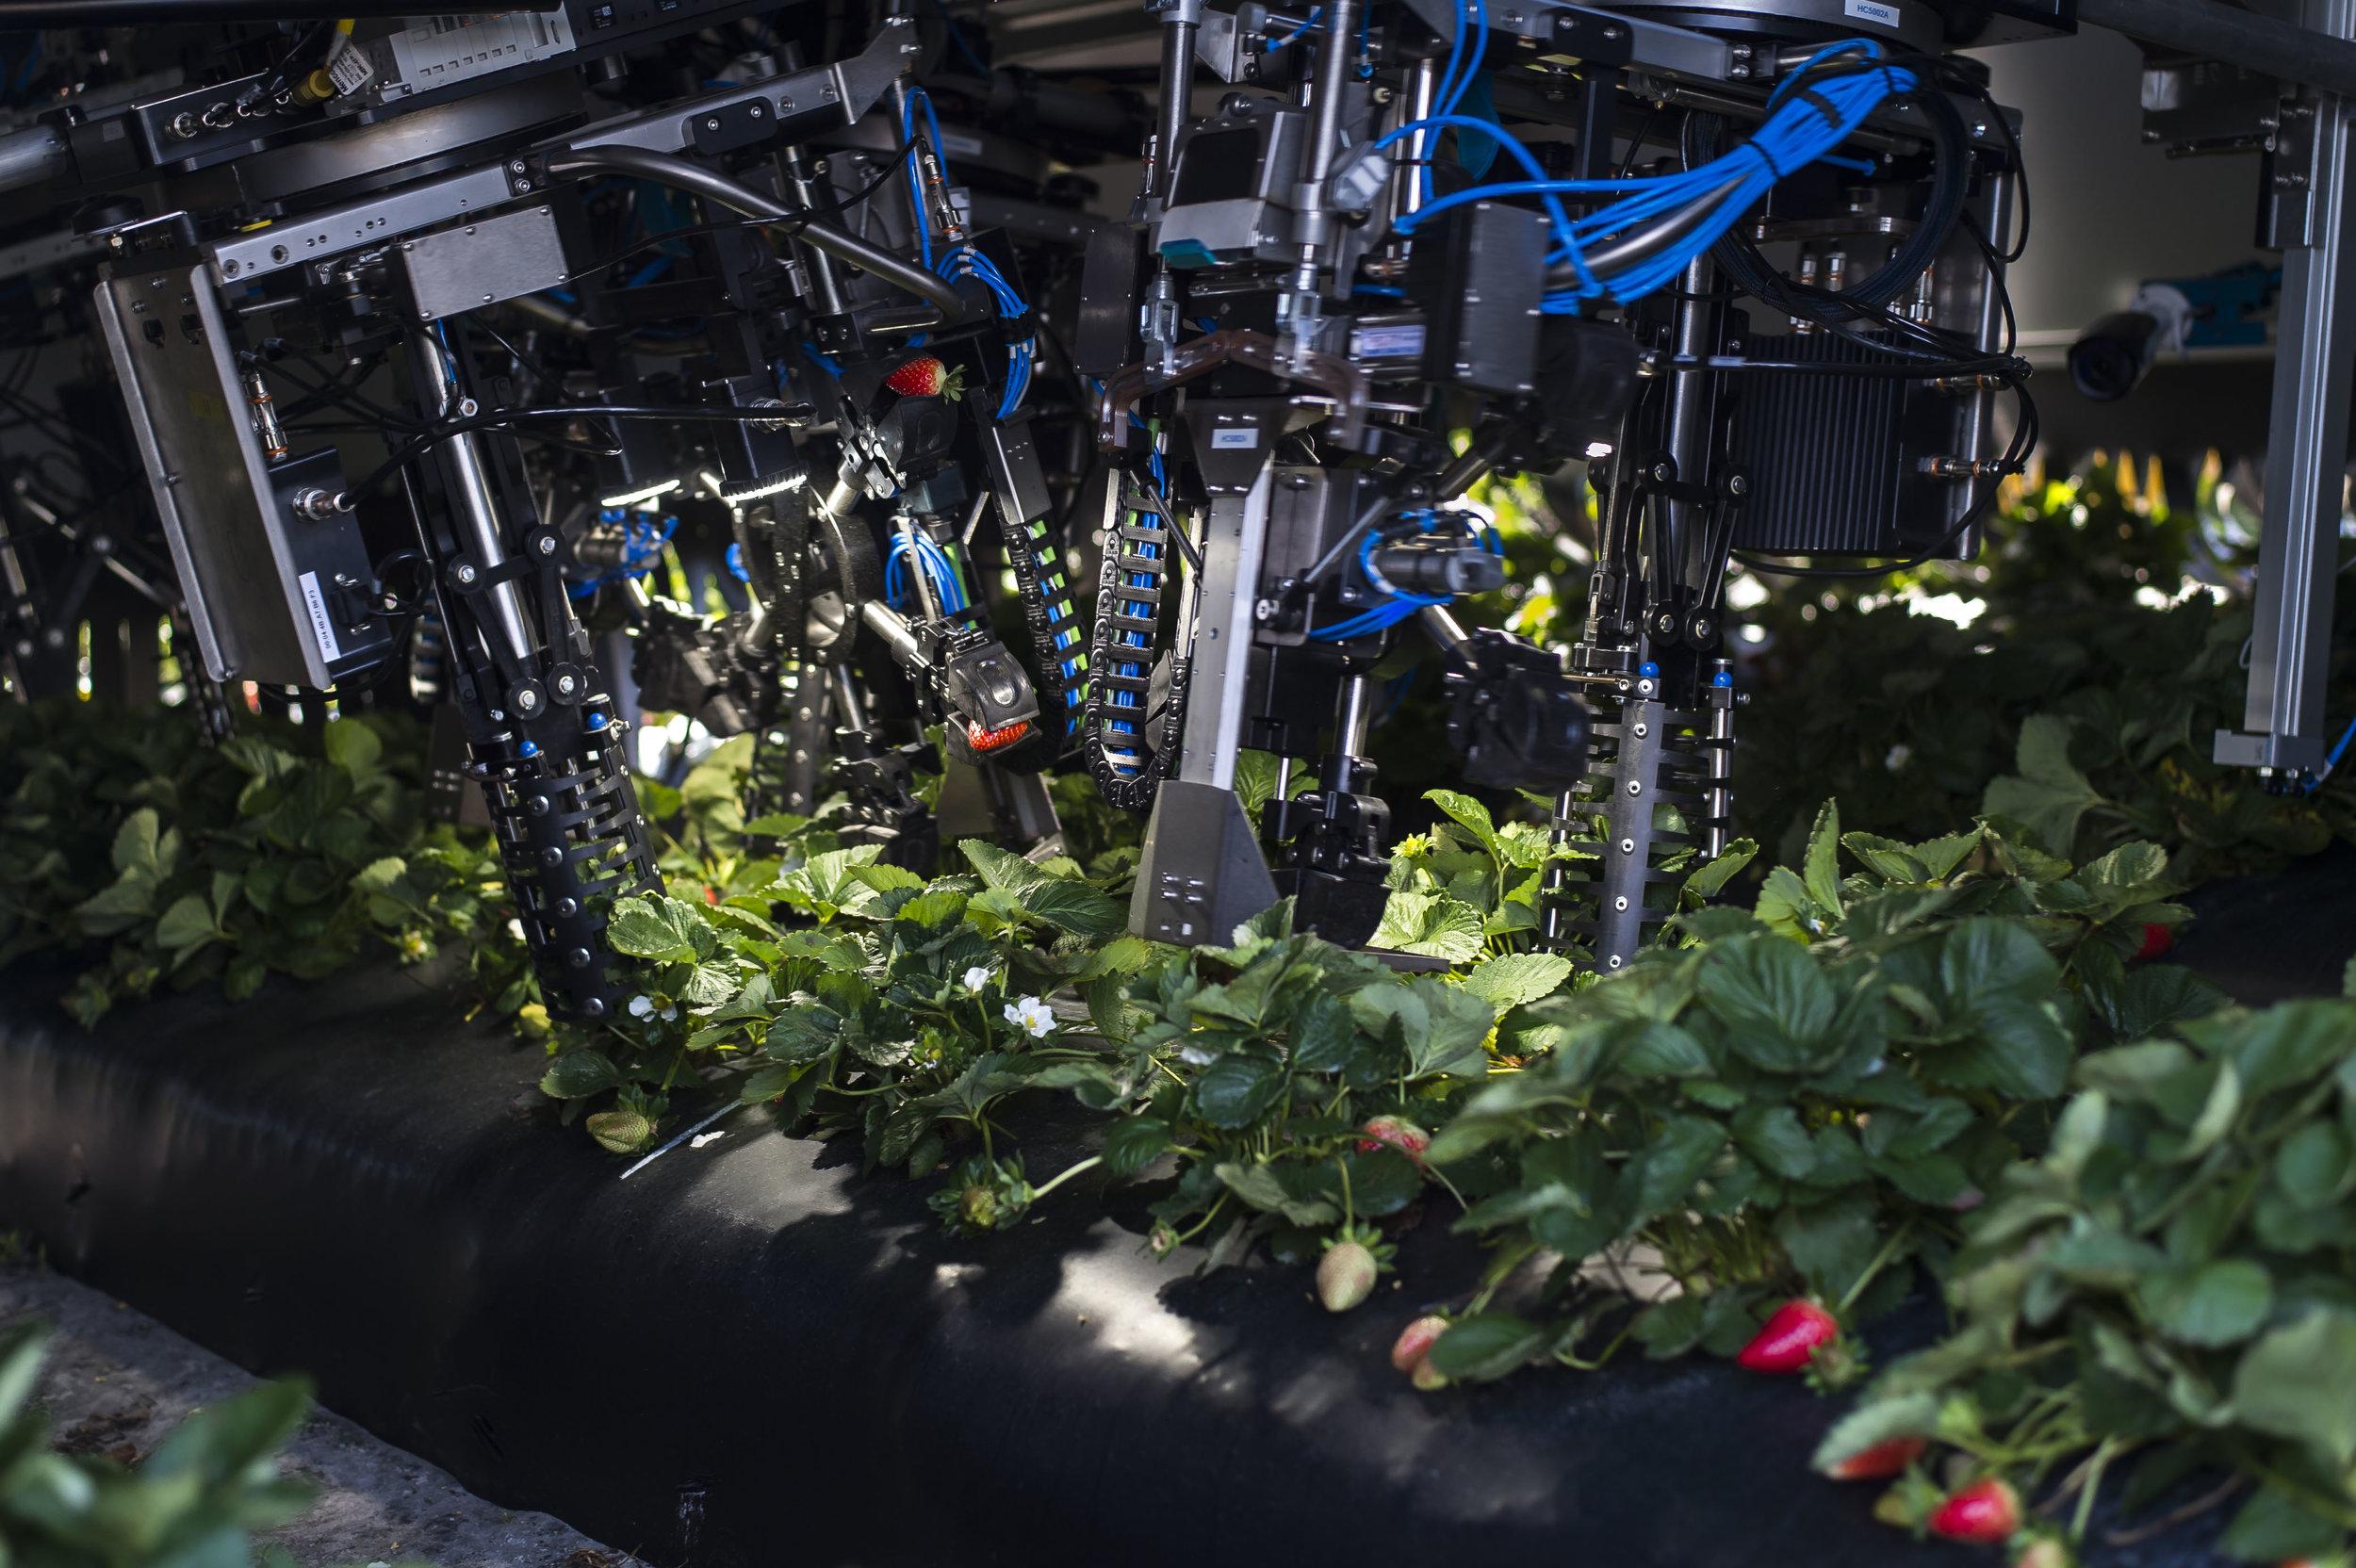 zwStrawberryRobot20.JPG